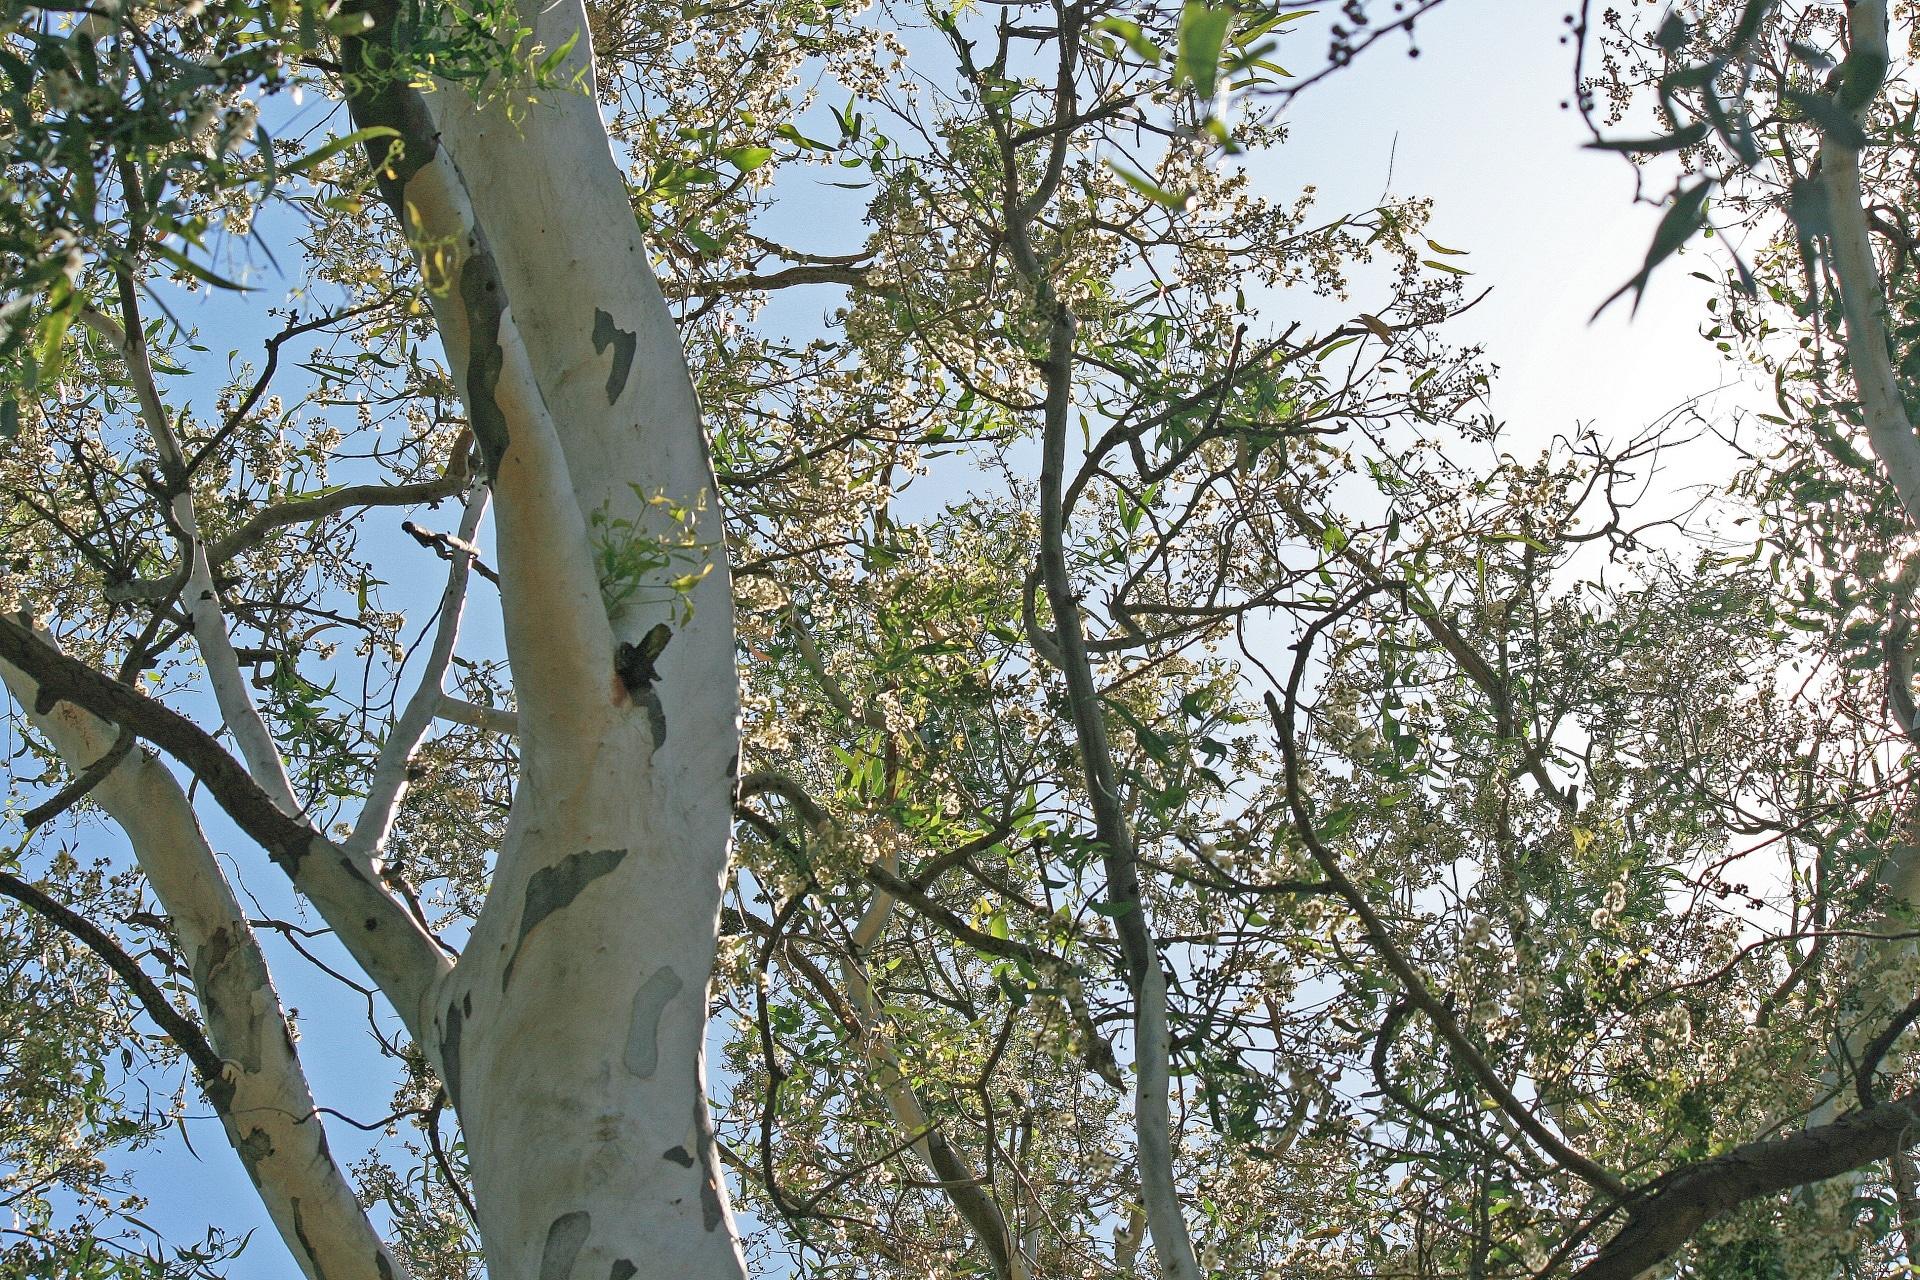 Los eucaliptos son árboles que impiden que otras plantas crezcan